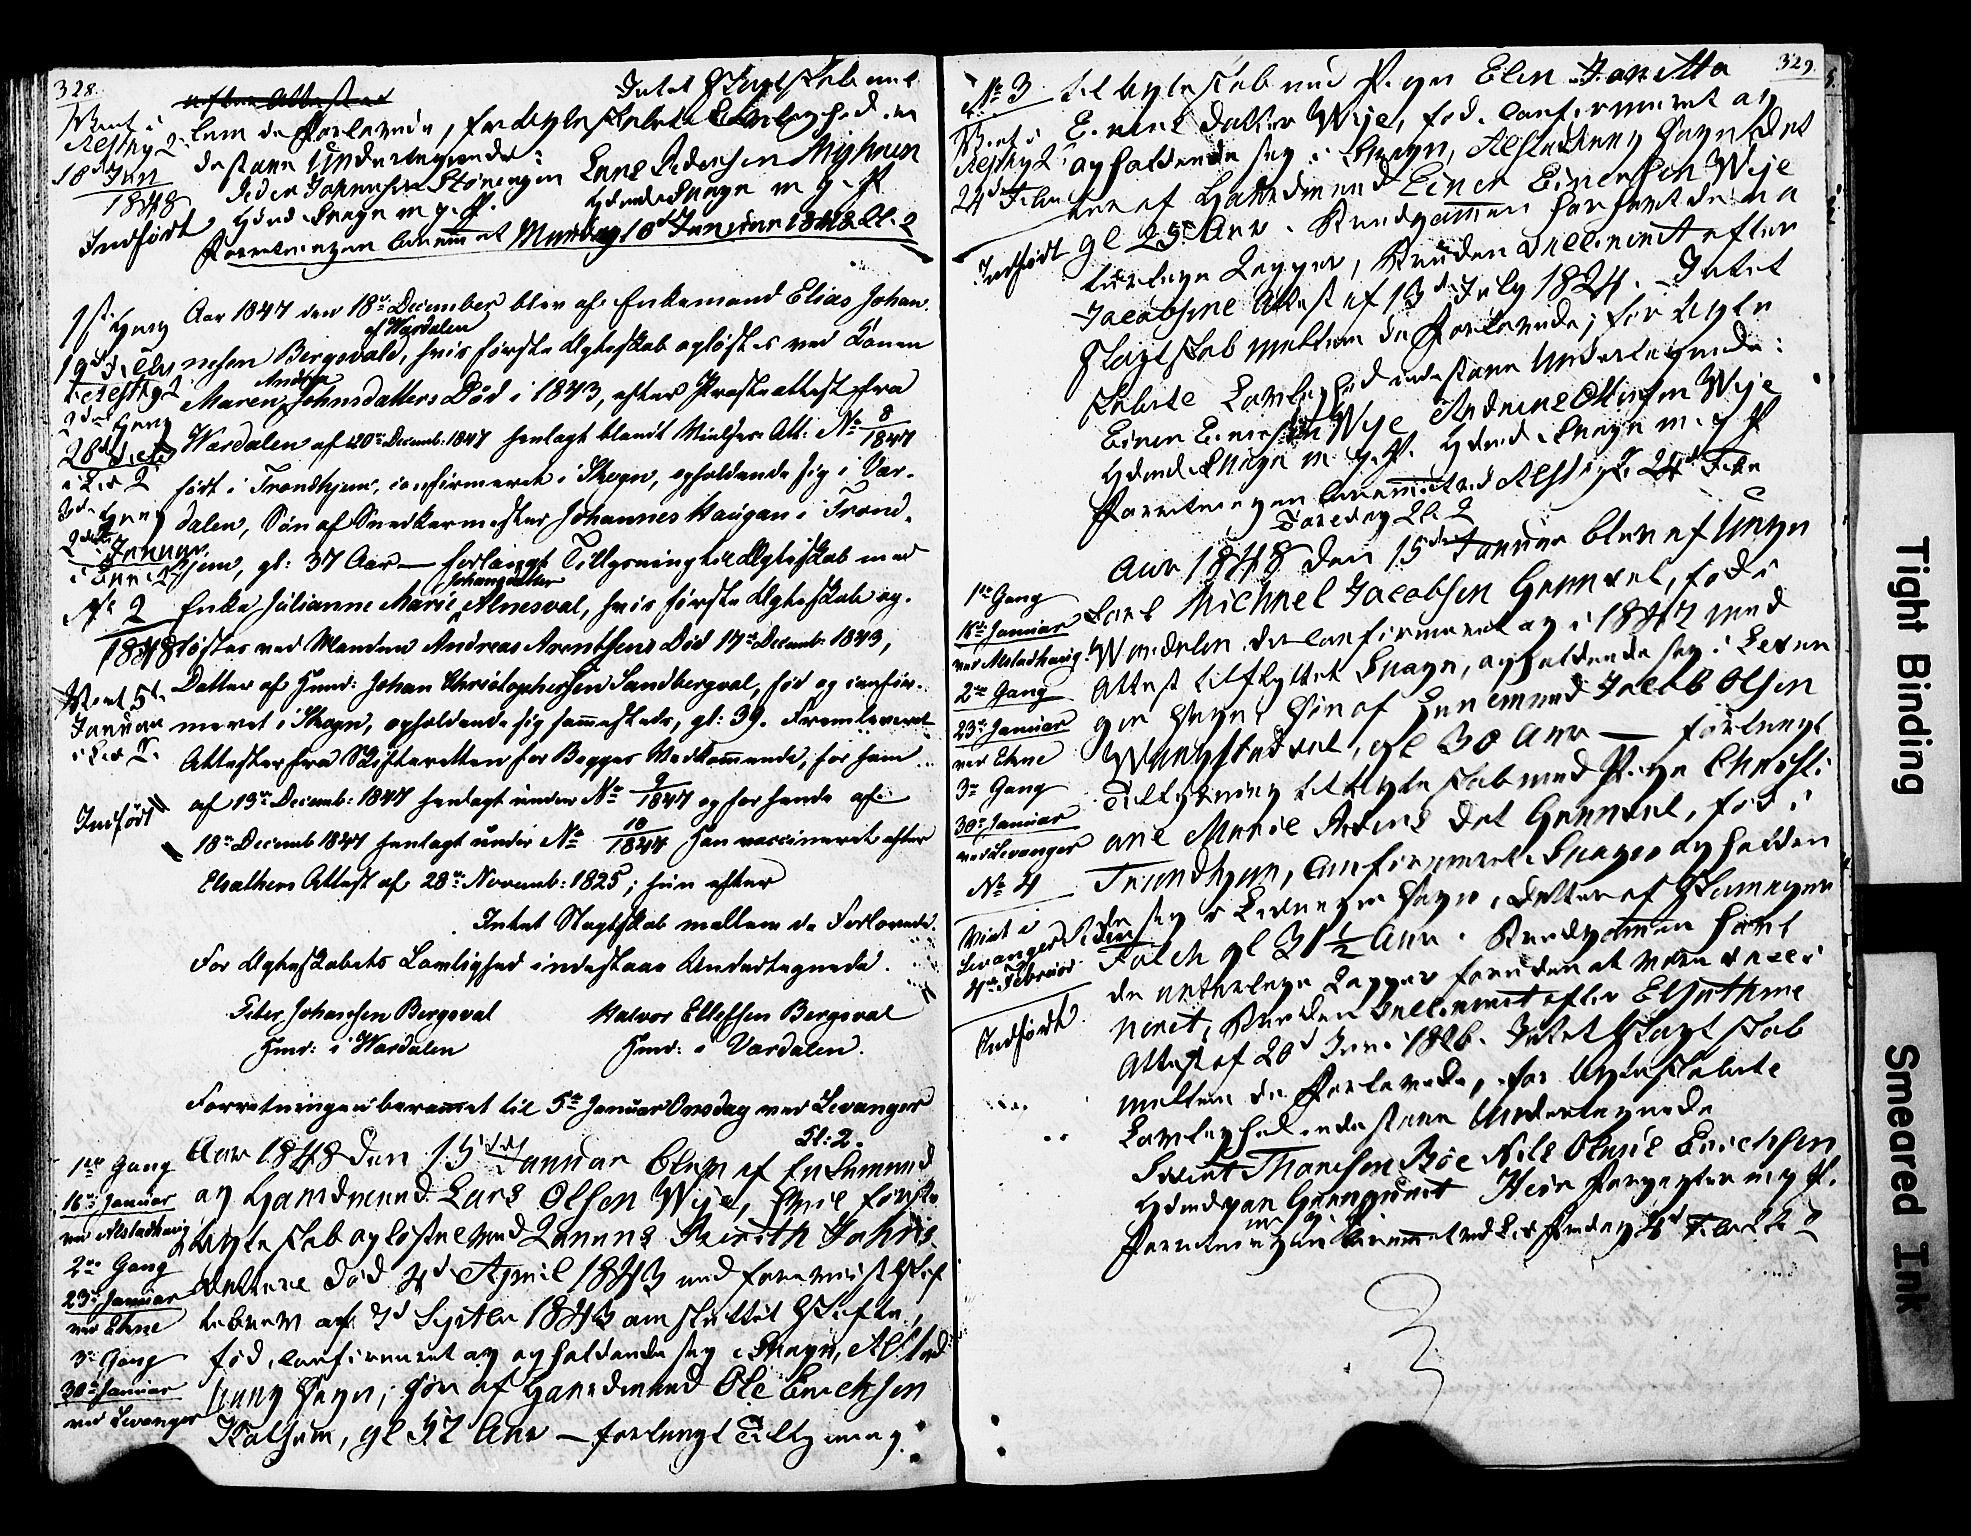 SAT, Ministerialprotokoller, klokkerbøker og fødselsregistre - Nord-Trøndelag, 717/L0160: Forlovererklæringer nr. 717A10, 1828-1850, s. 328-329